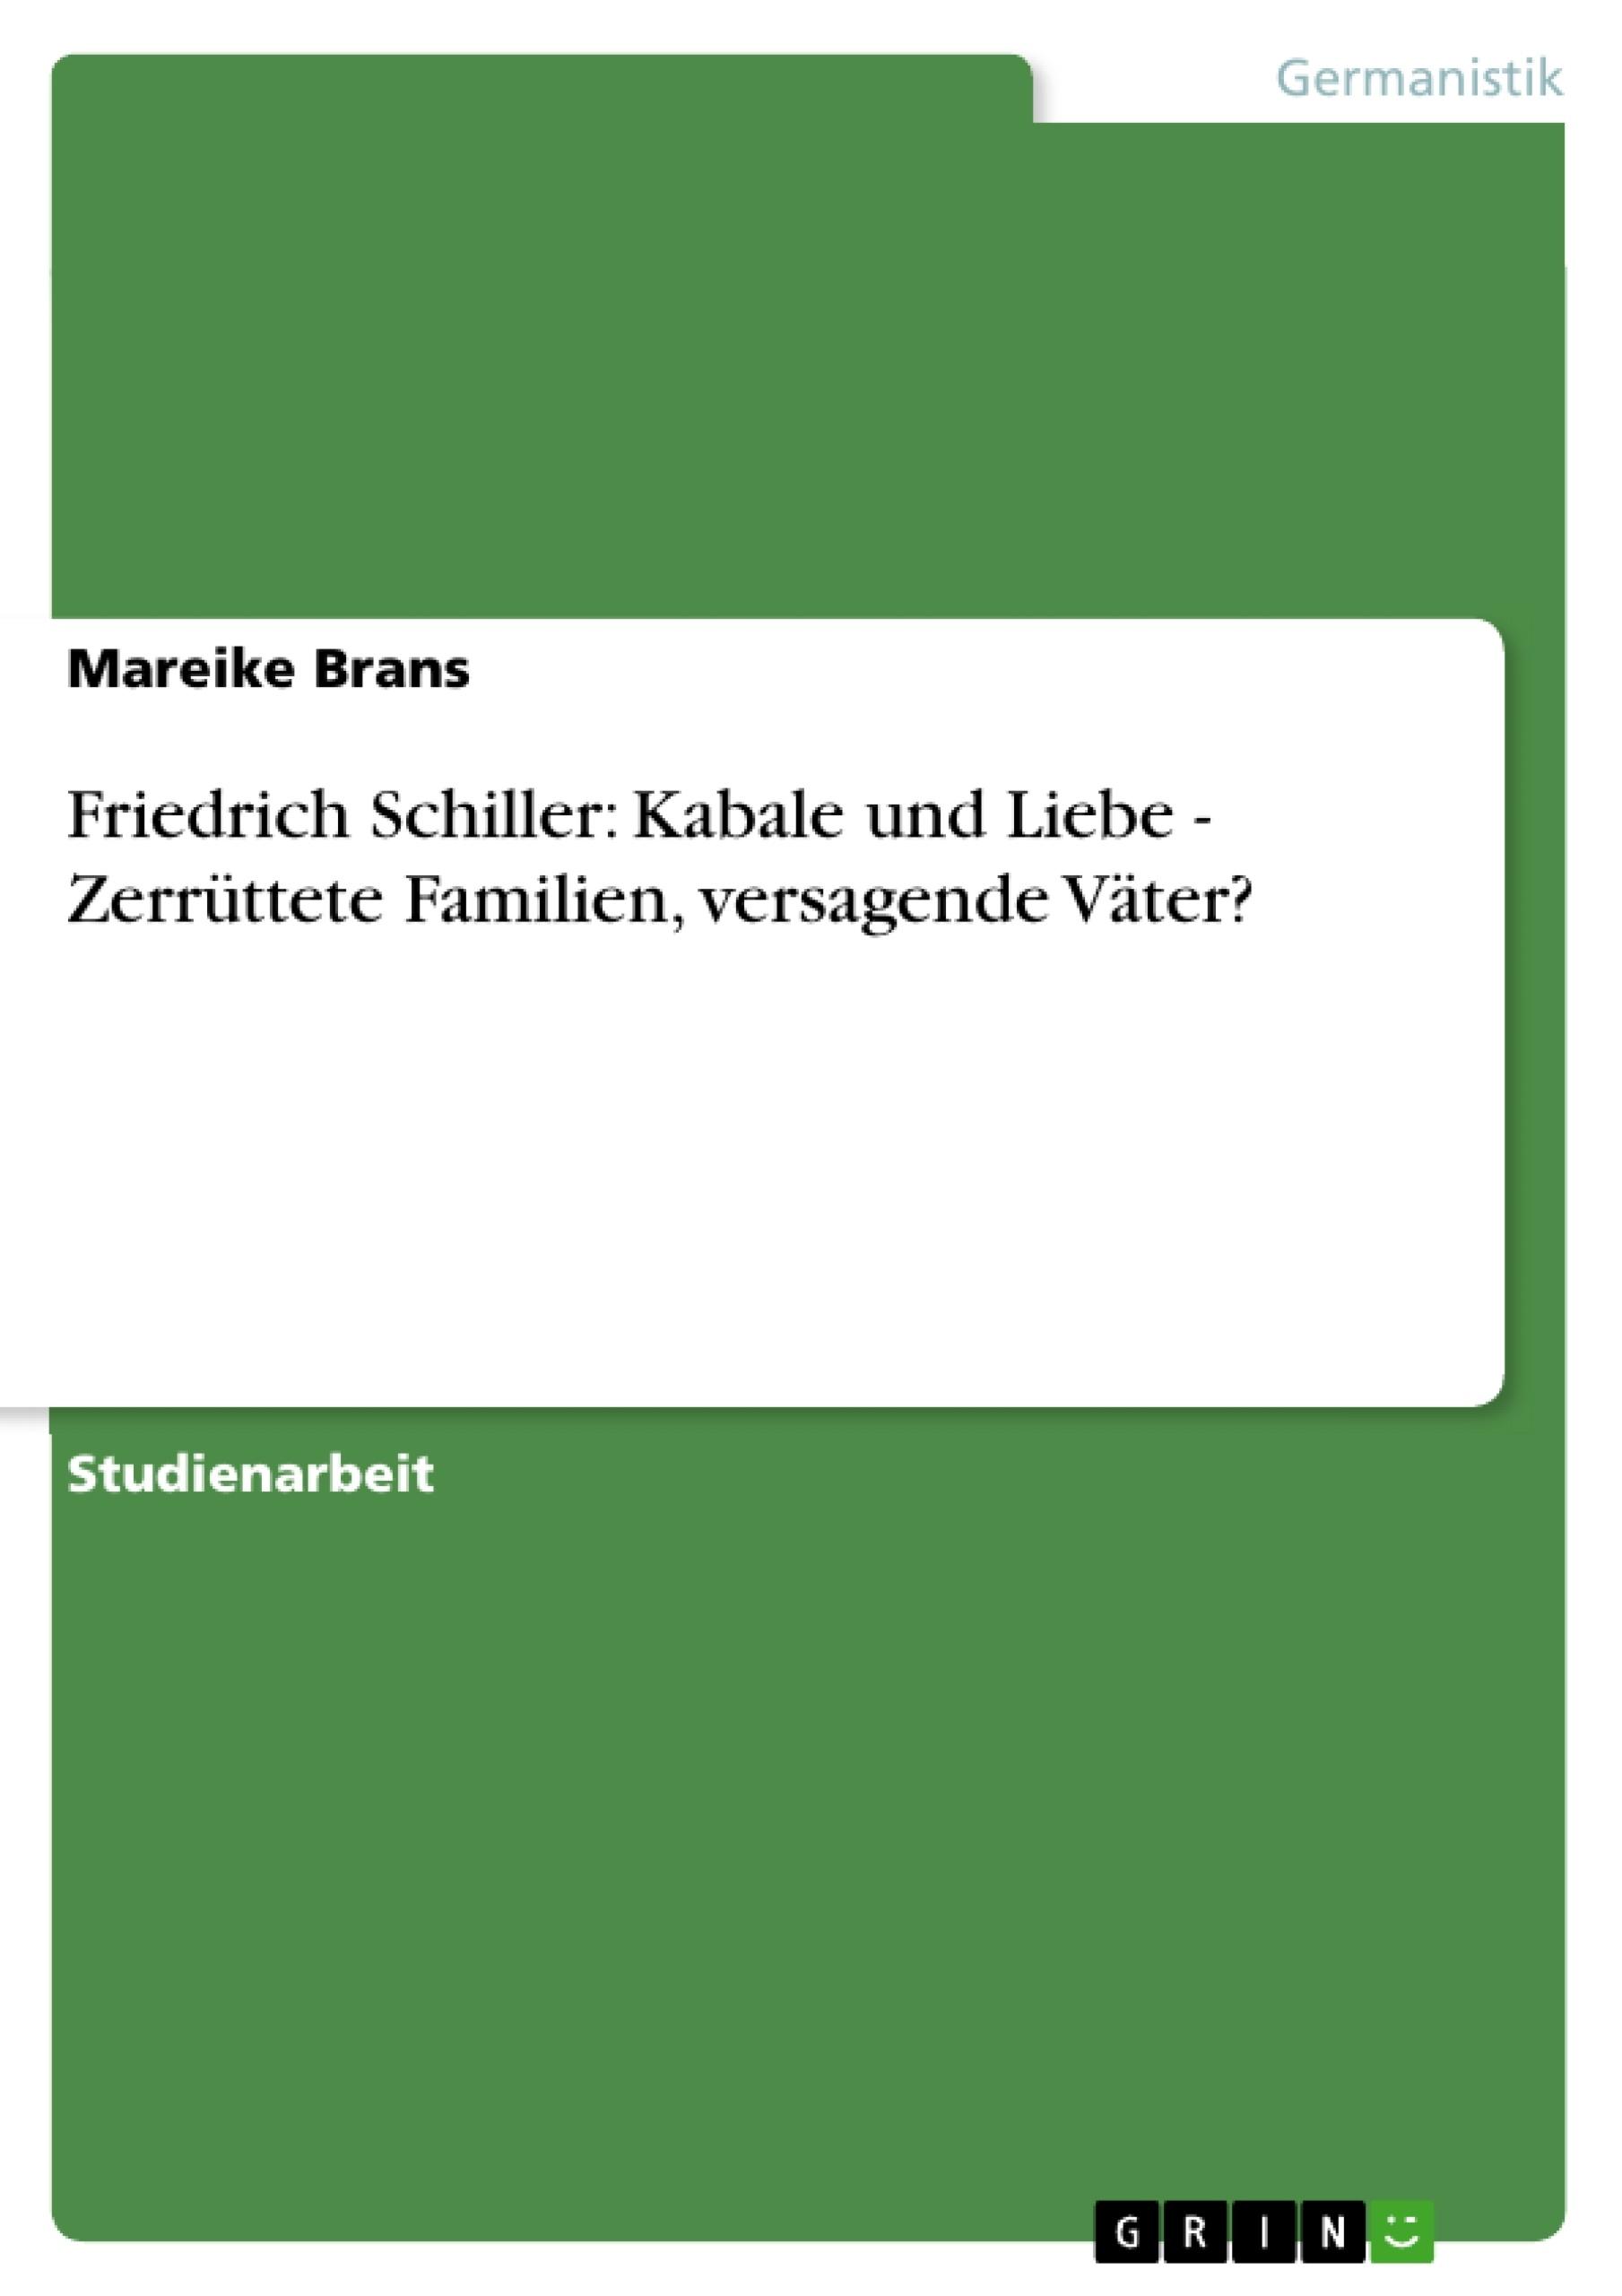 Titel: Friedrich Schiller: Kabale und Liebe - Zerrüttete Familien, versagende Väter?